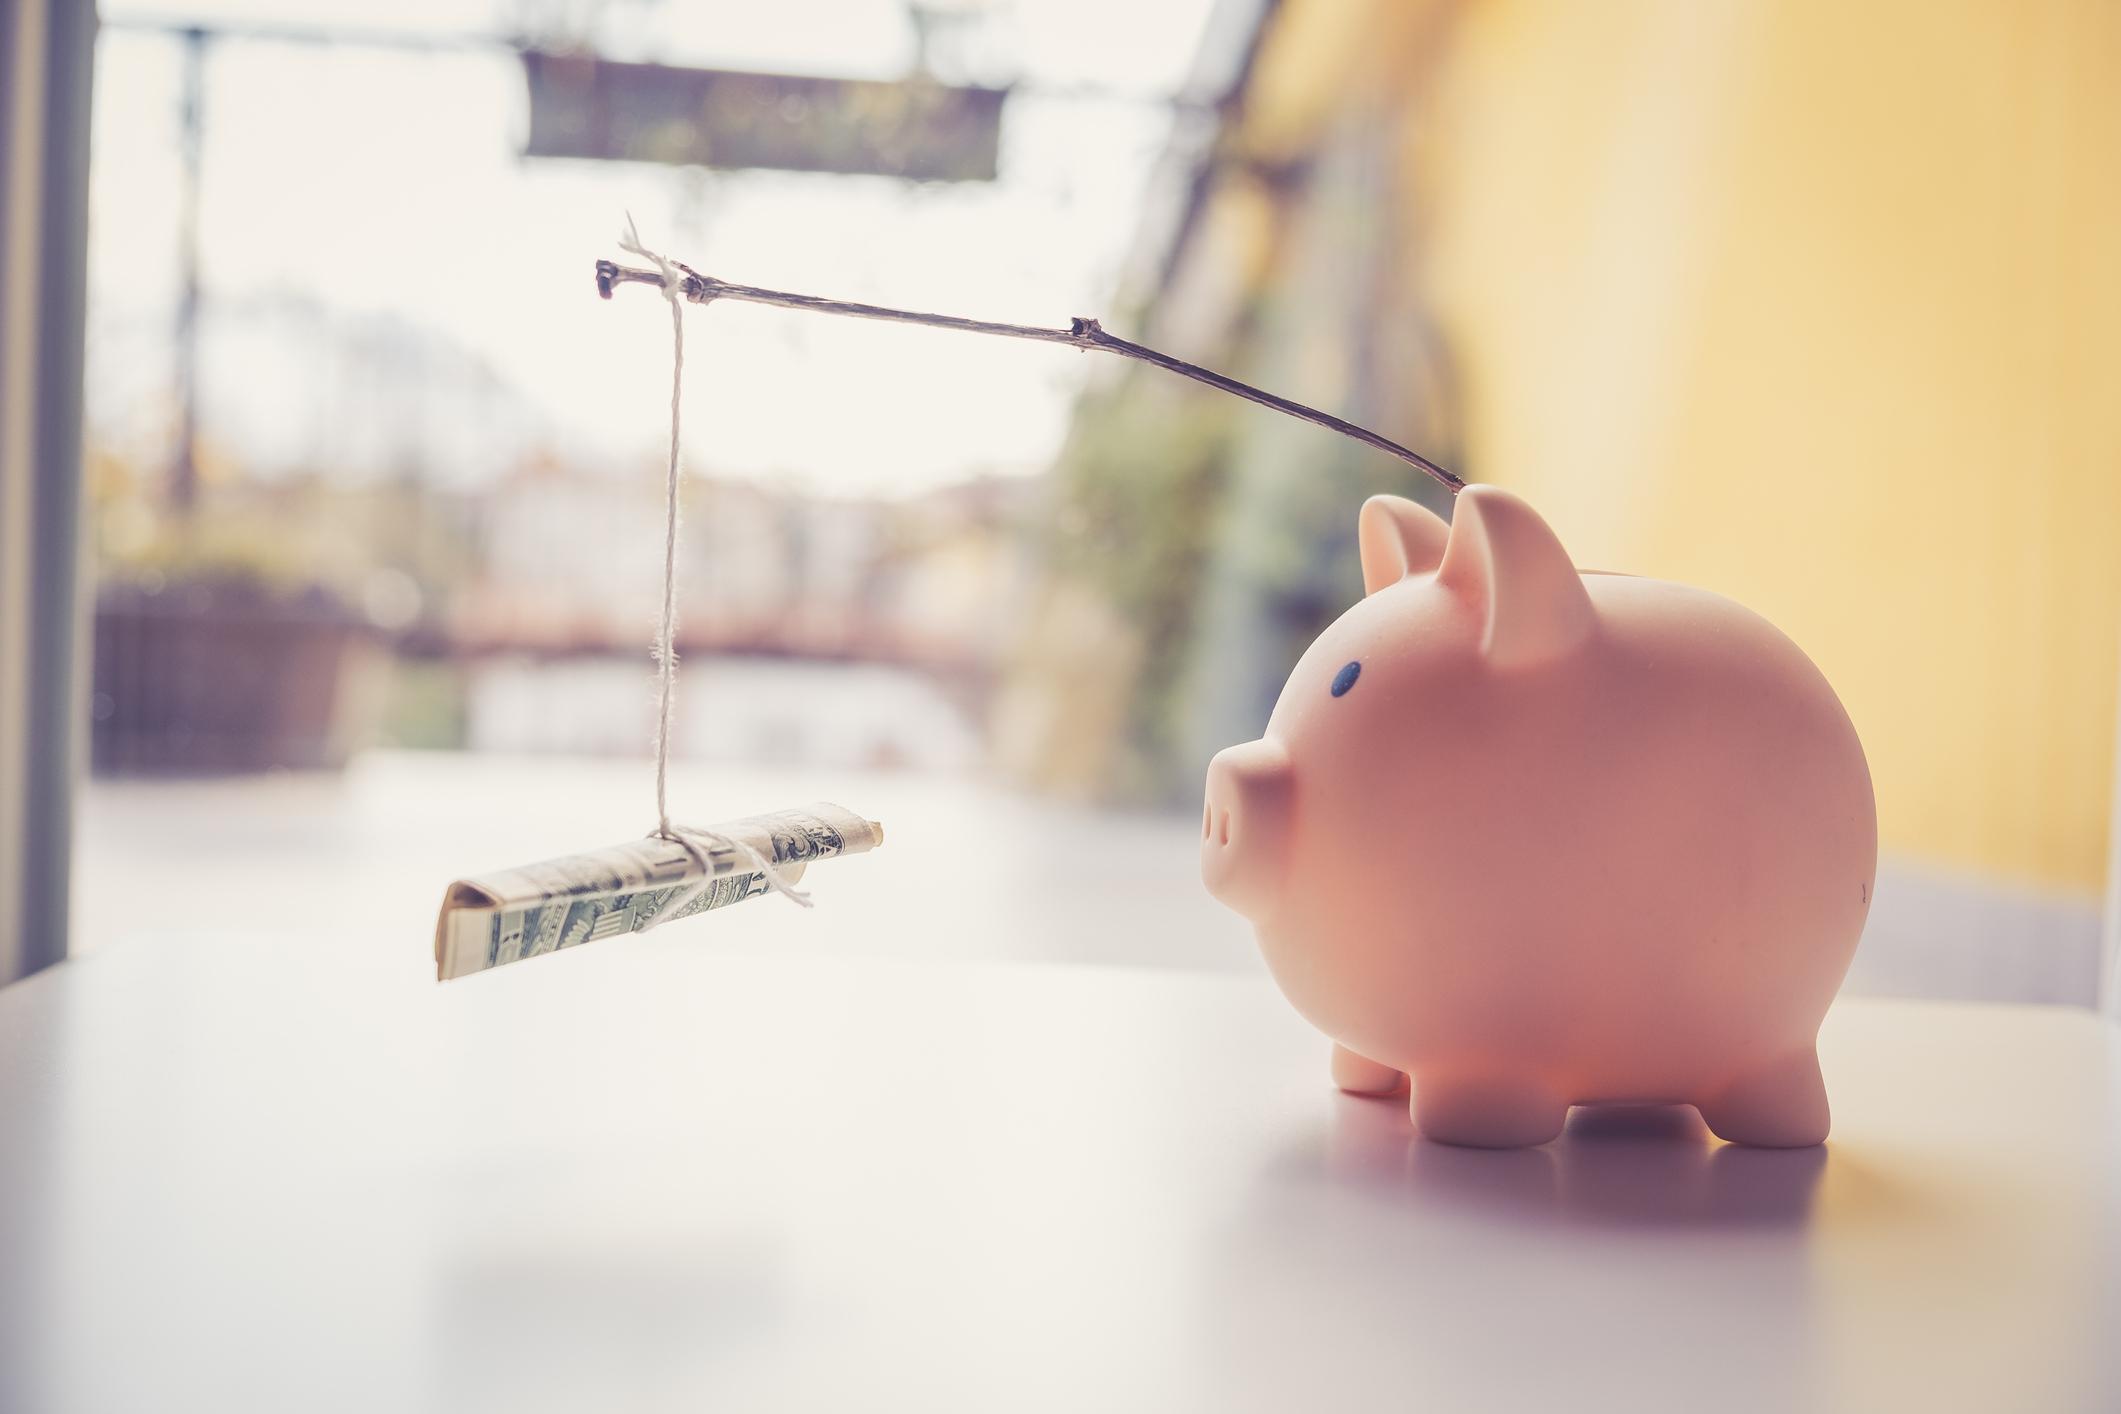 Piggy bank With a Money Carrot stick